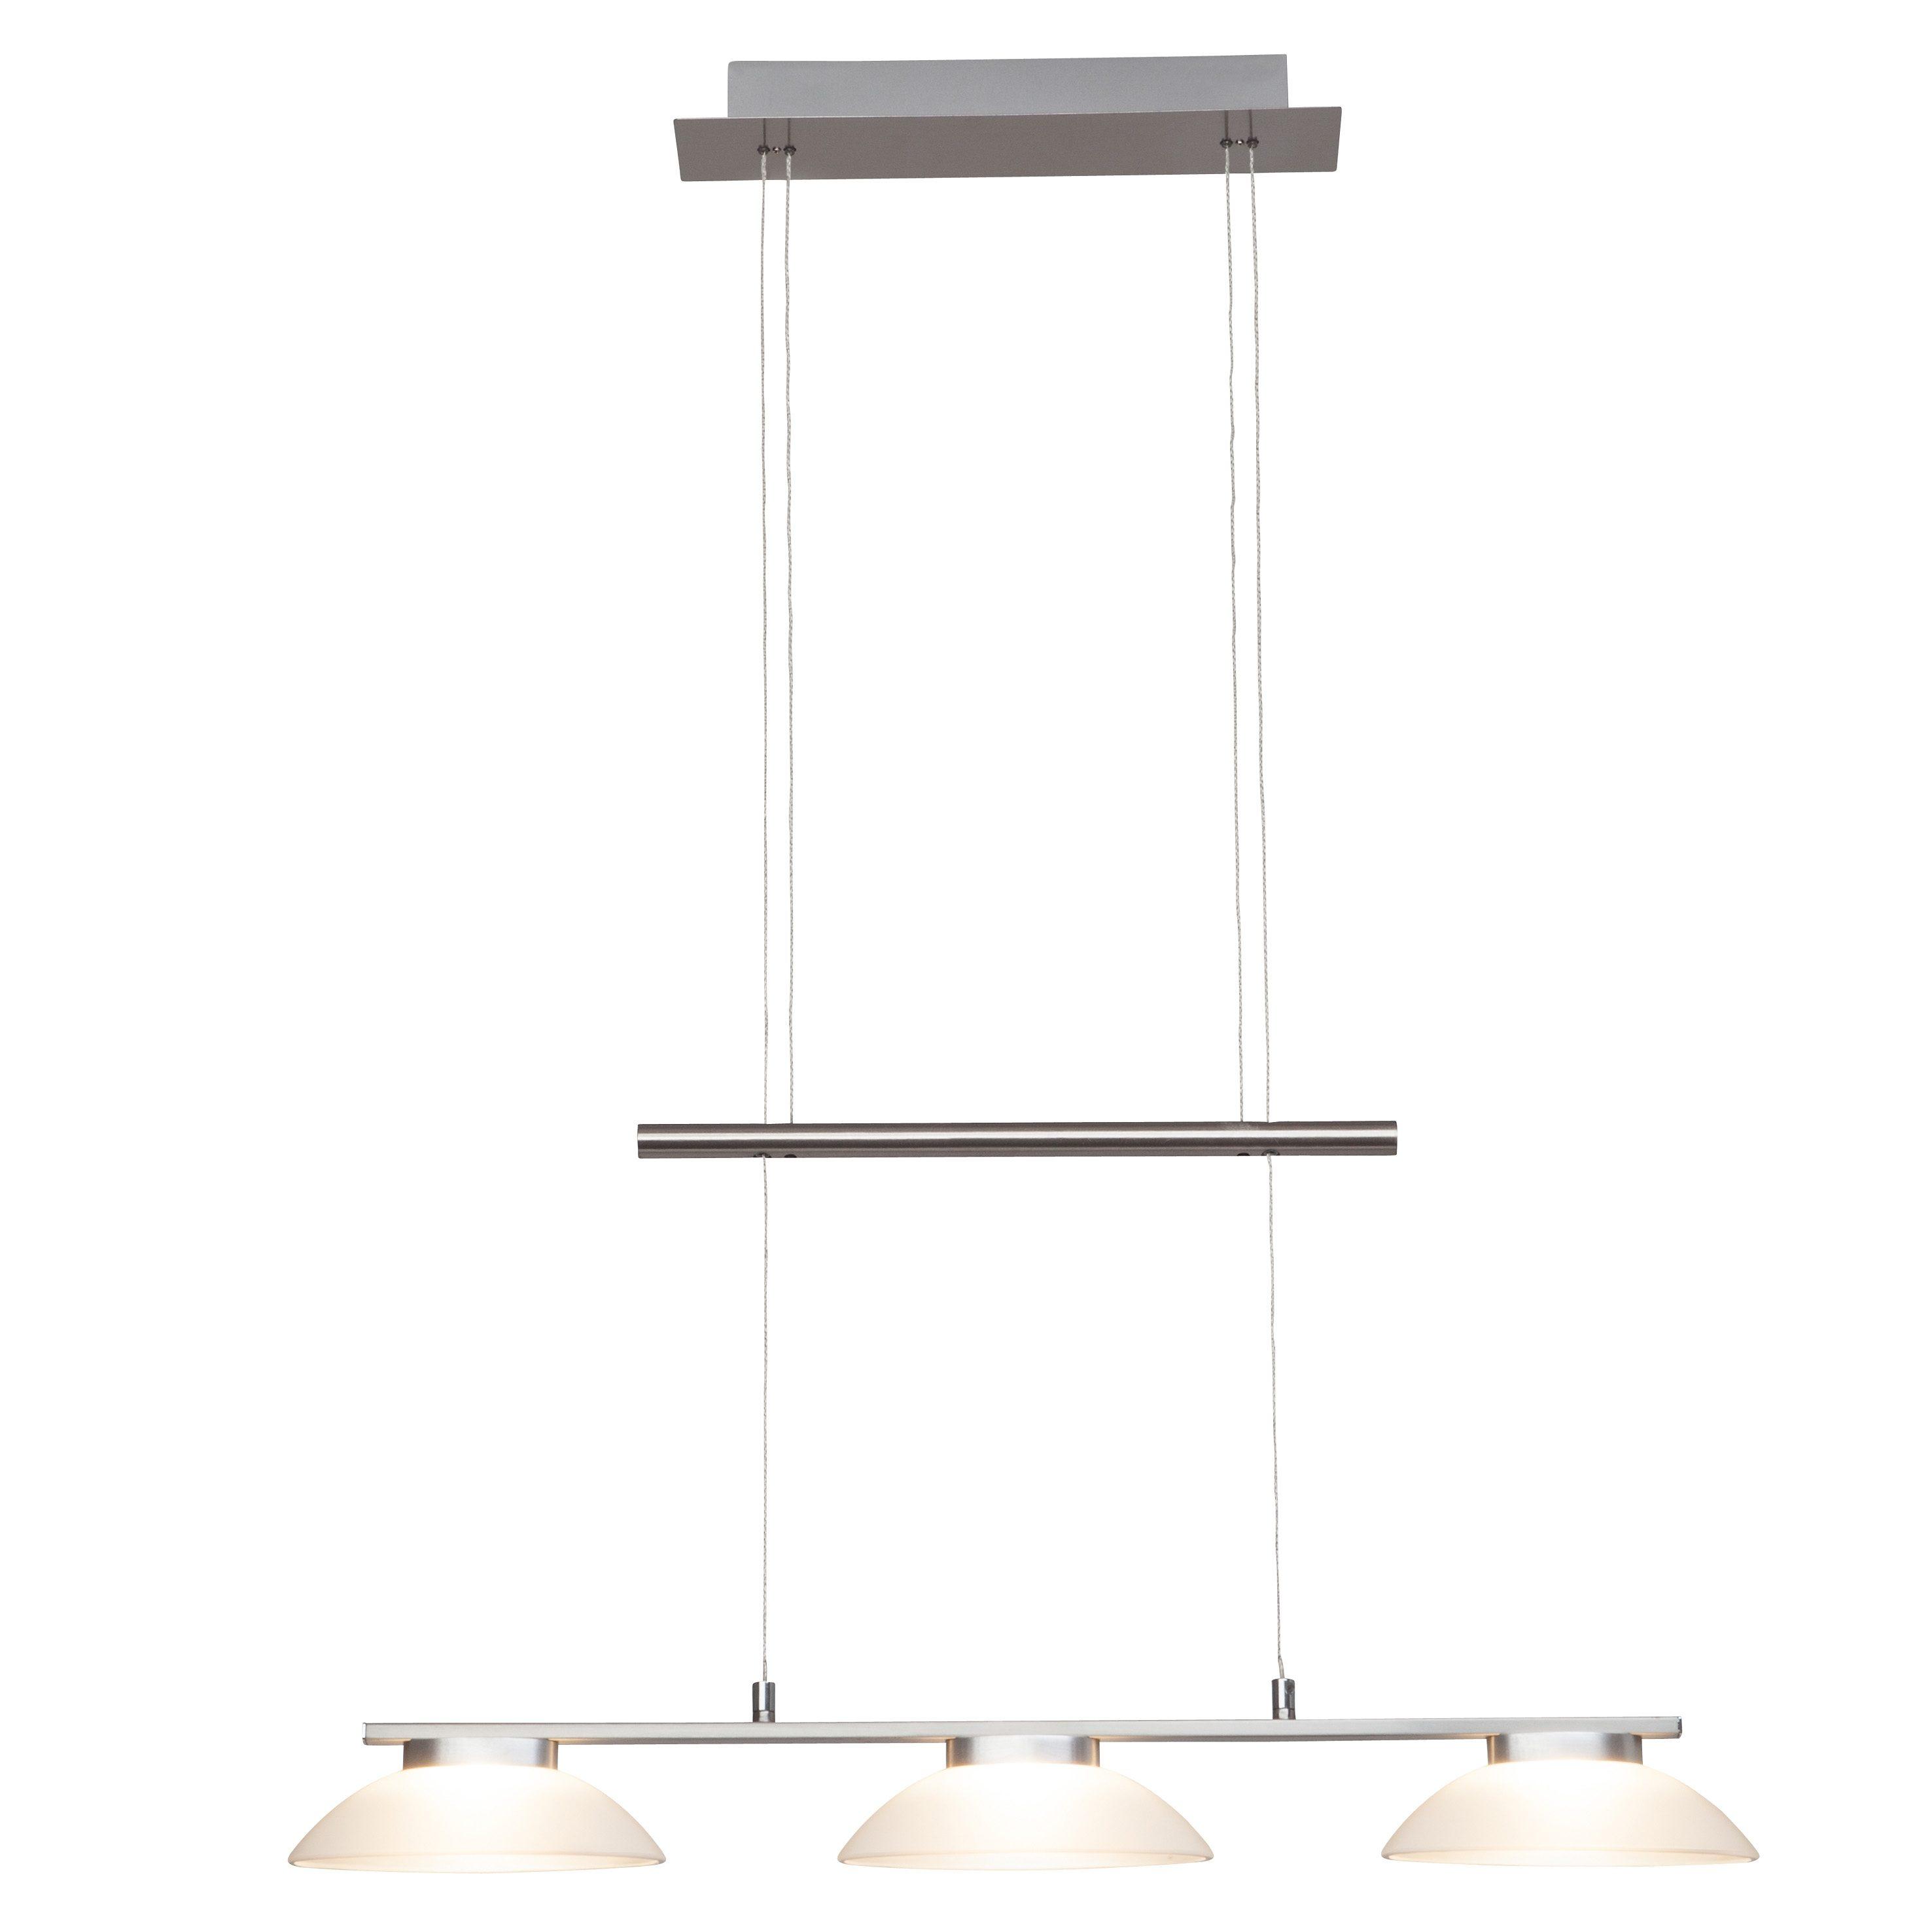 Brilliant Leuchten LED Pendelleuchte TREND, LED-Board, LED Hängelampe, LED Hängeleuchte